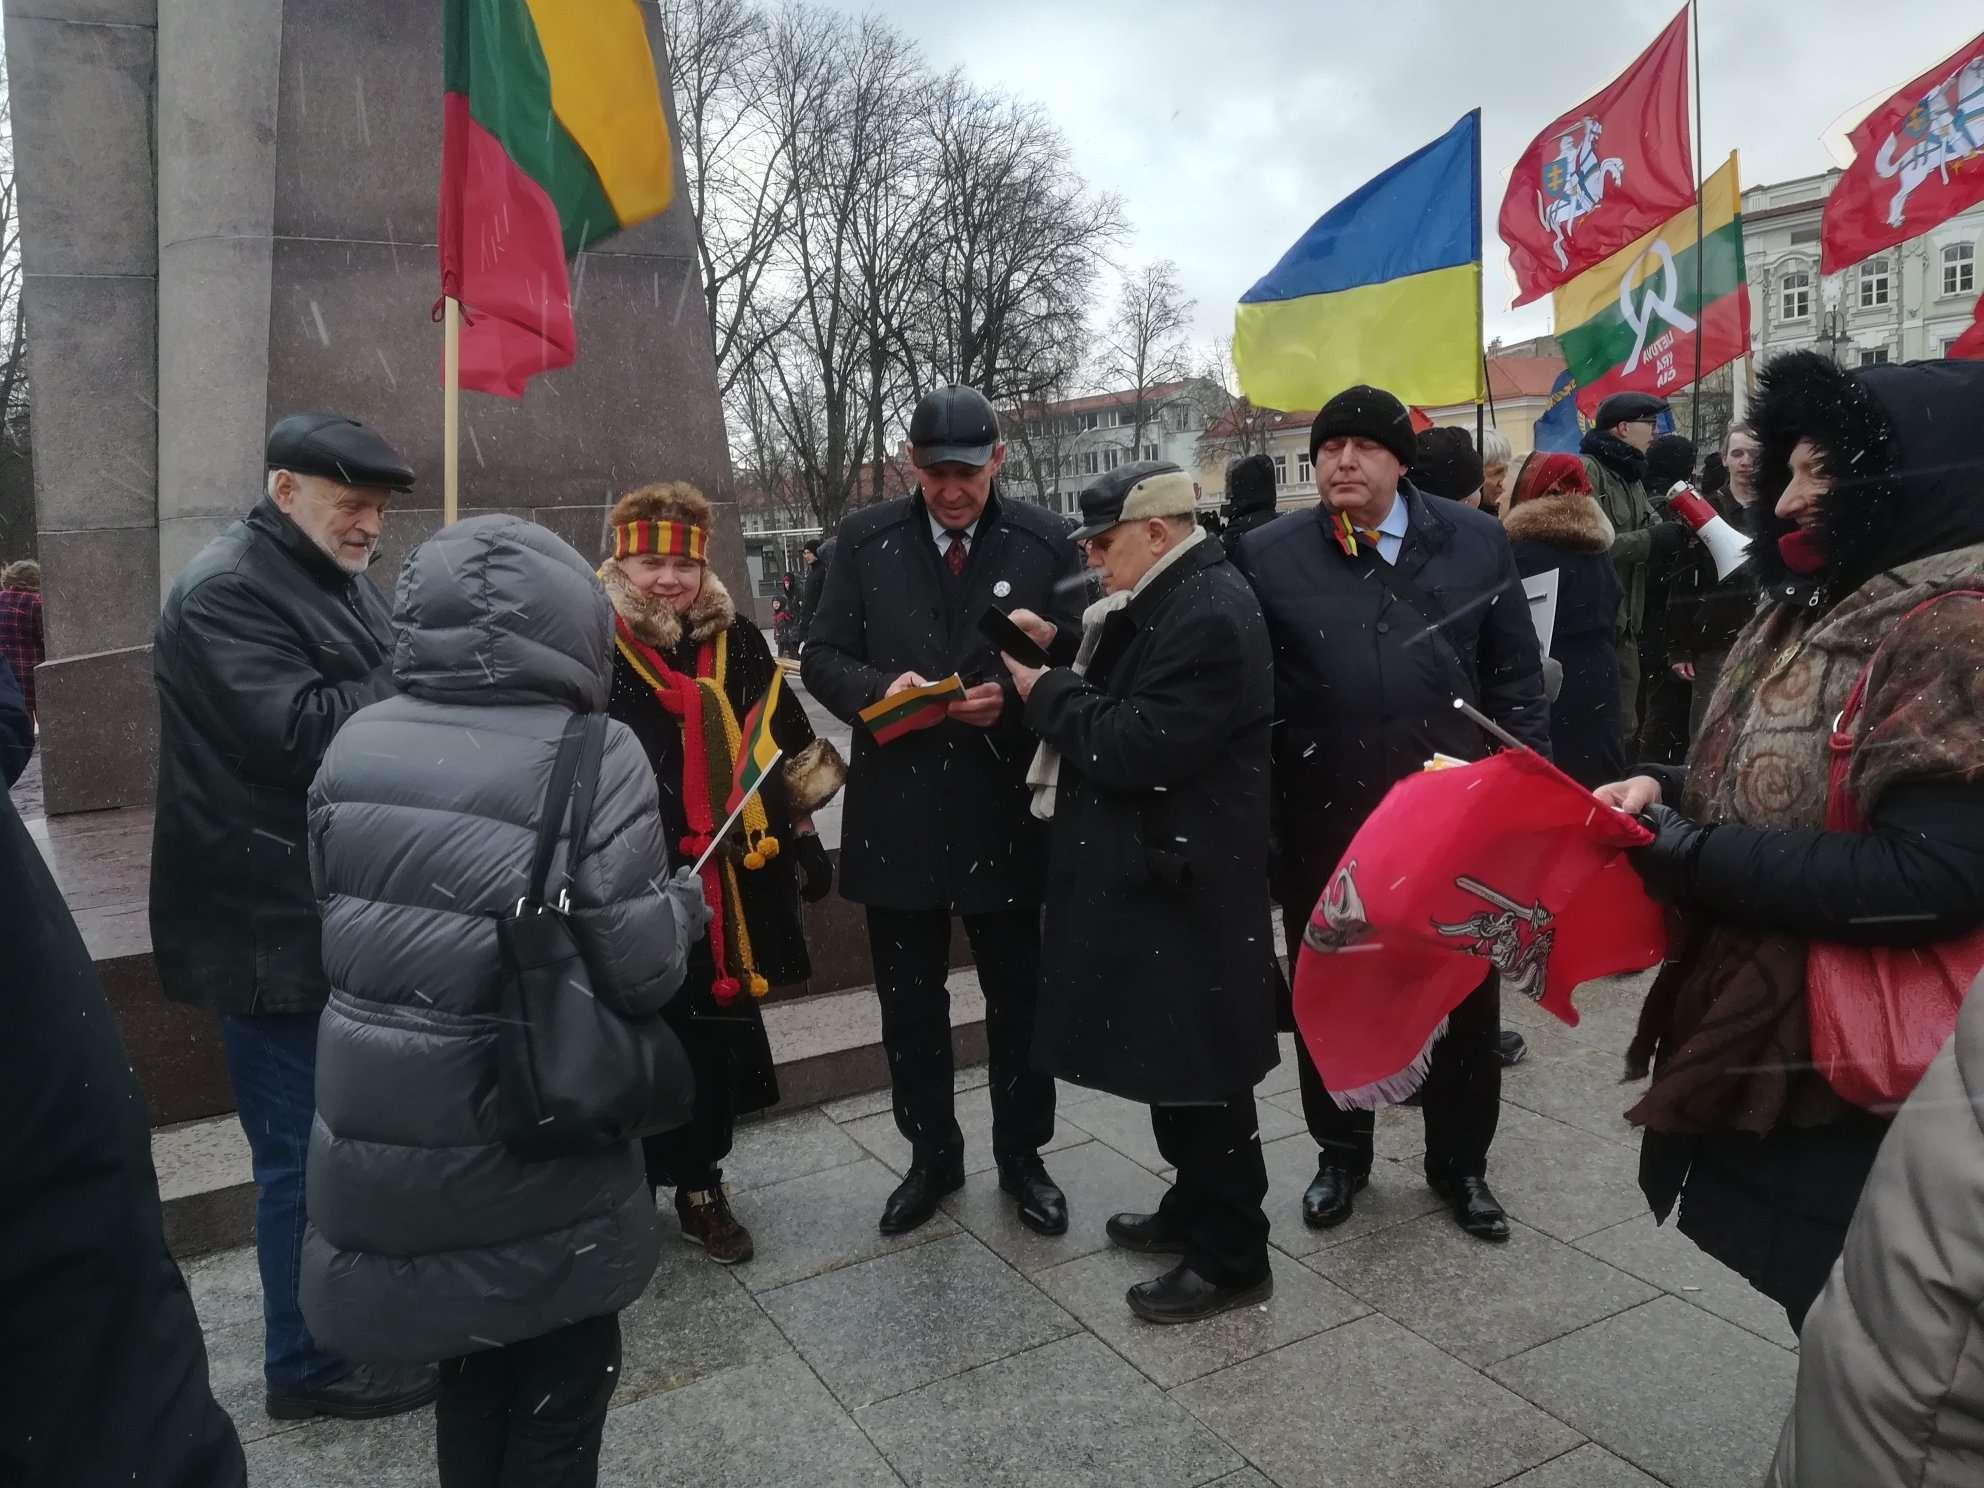 Ruošiantis Kovo 11-osios patriotinėms eitynėms Vilniuje. A.Juozaitis su Lietuva yra čia | J. Vaiškūno nuotr.